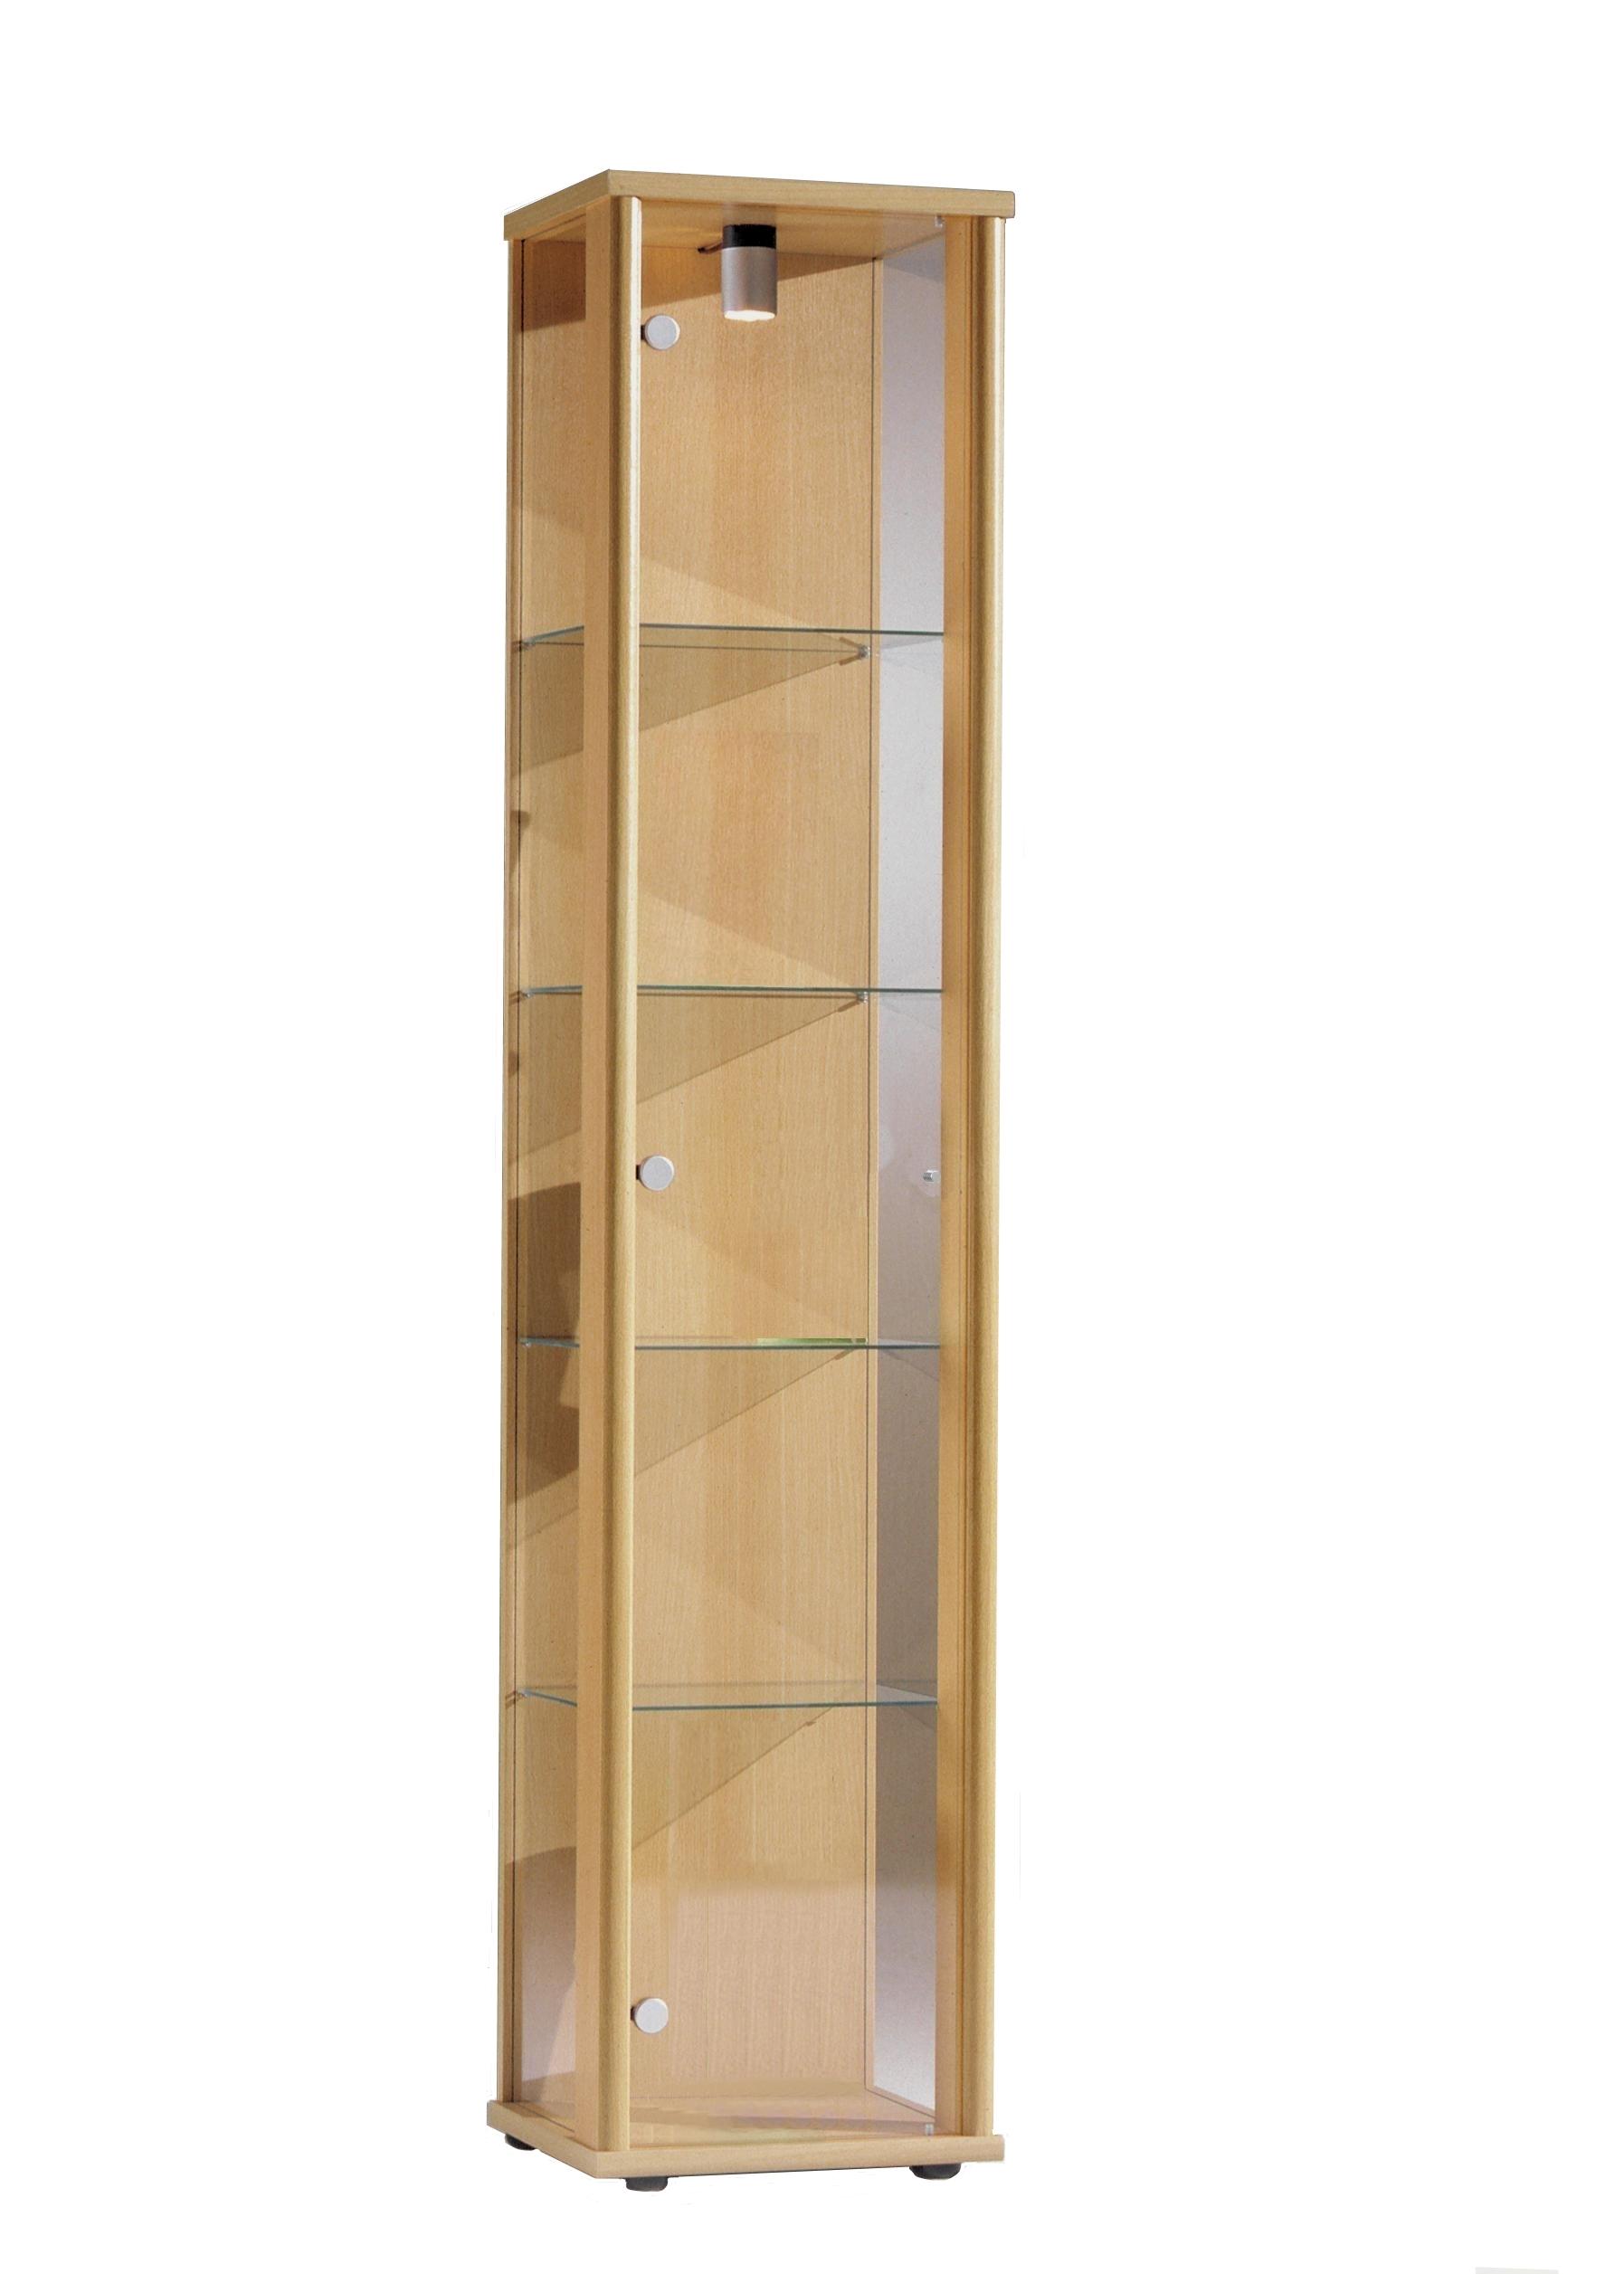 VR Wohnideen Glasvitrine in Buche Nachbildung 12x12x12 cm mit 12  höhenverstellbaren Glasböden aus ESG; beleuchtet; perfekt für Sammler;